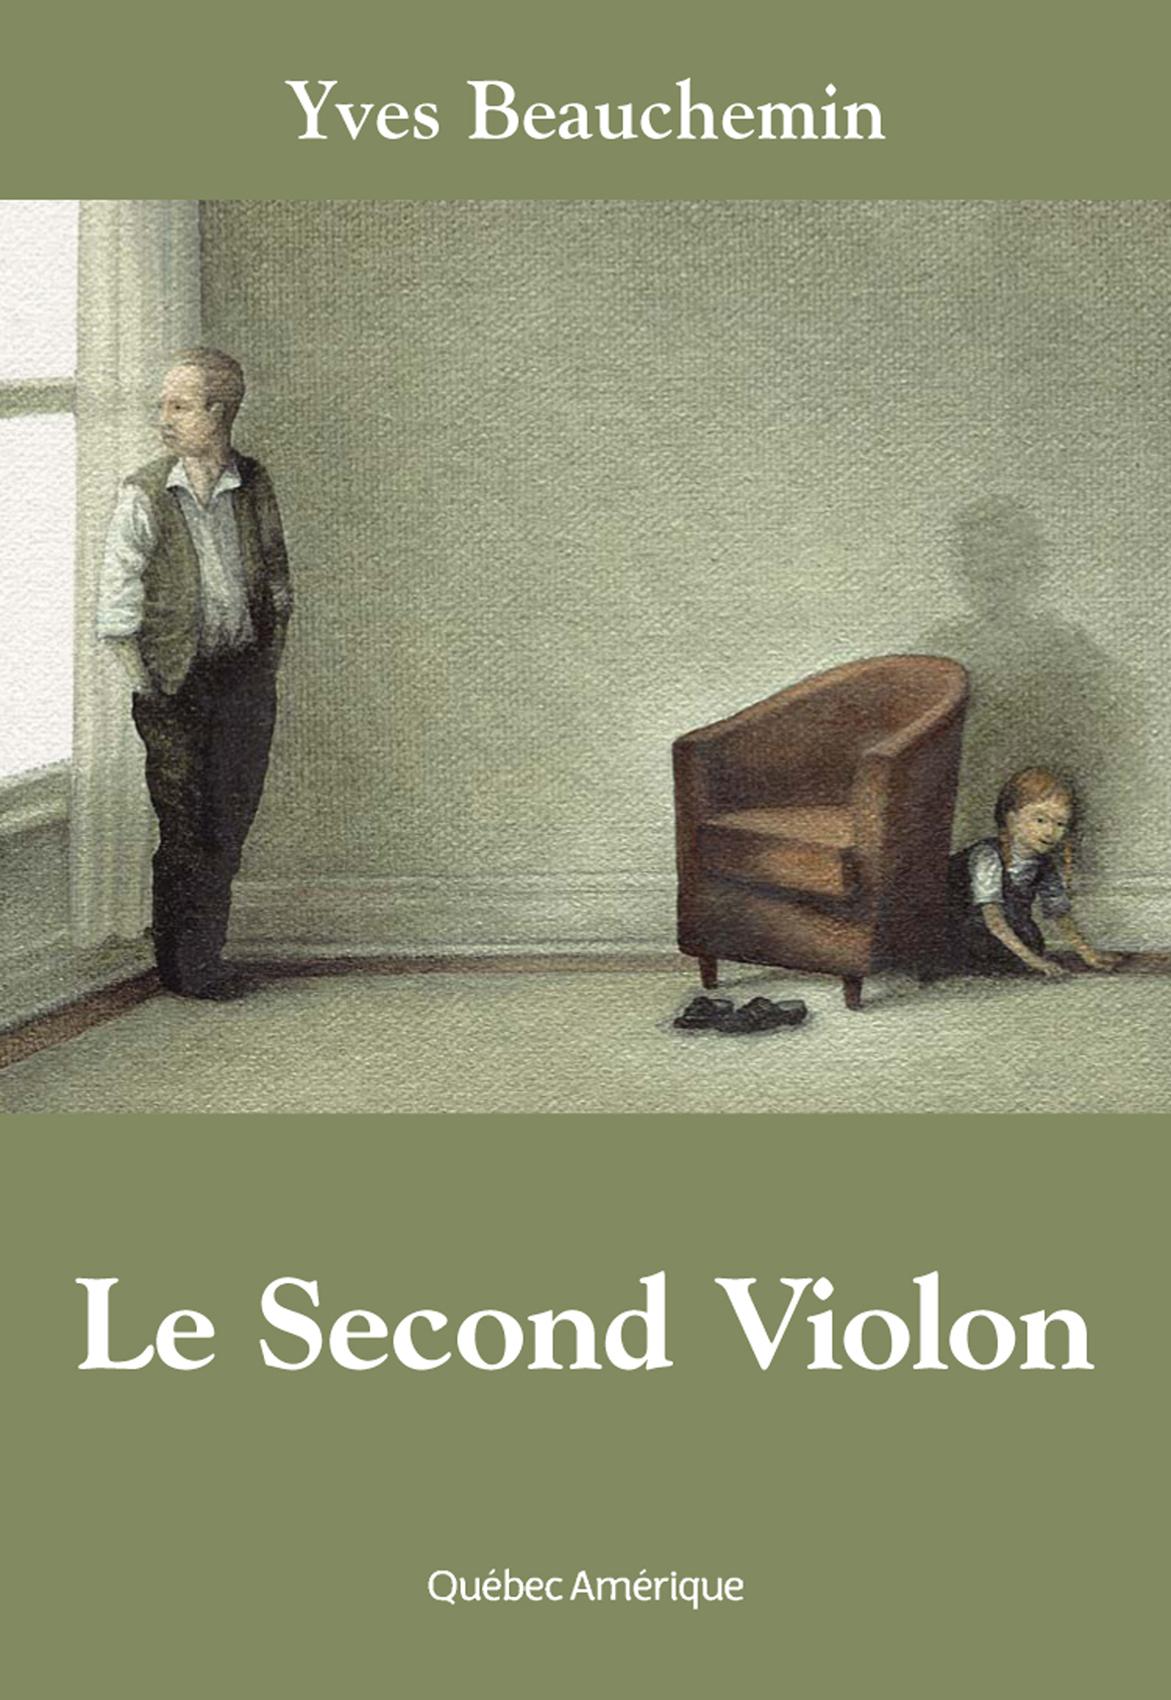 Le Second Violon